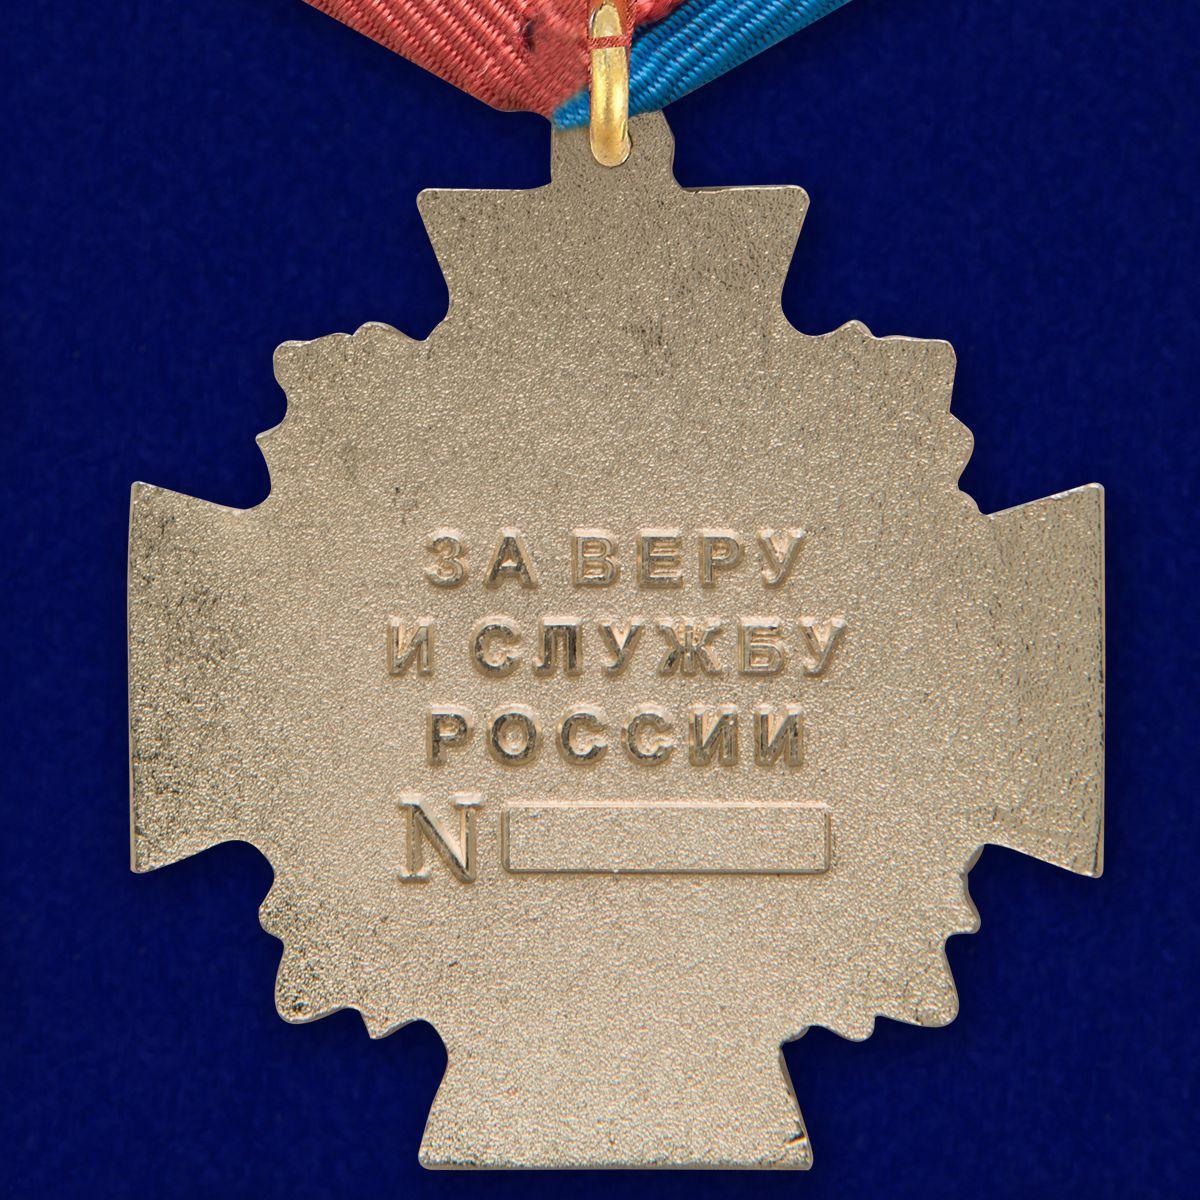 """Медаль """"За веру и службу России"""" высокого качества"""